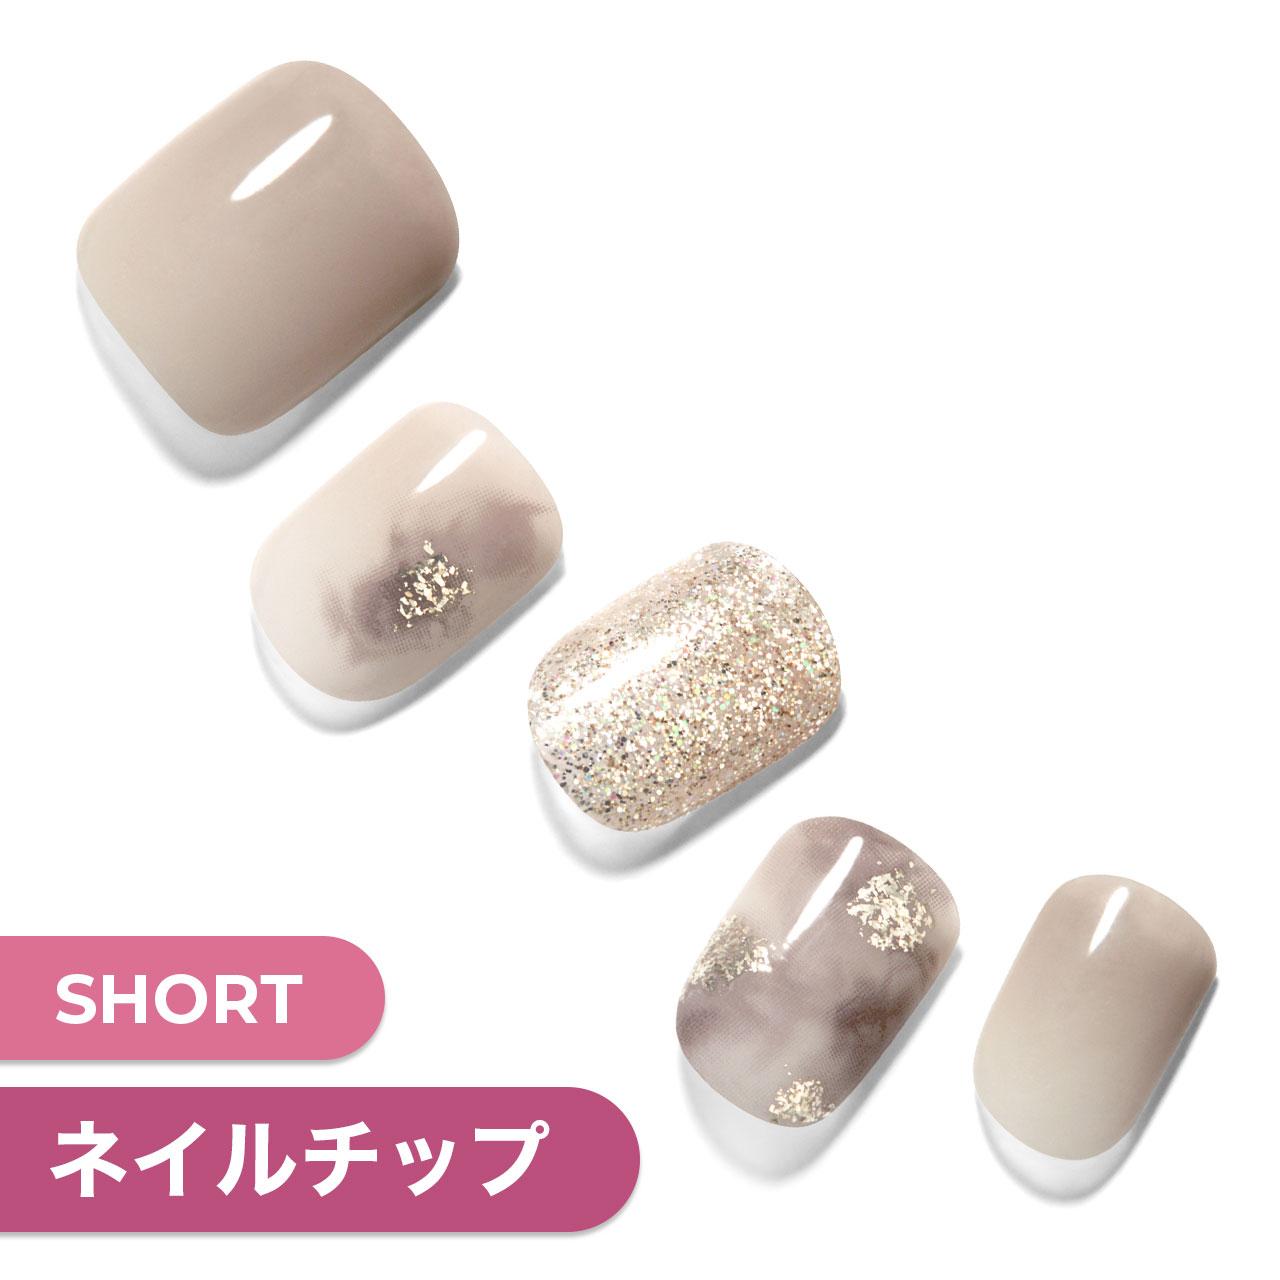 【Earl Grey Marble】ダッシングディバマジックプレス